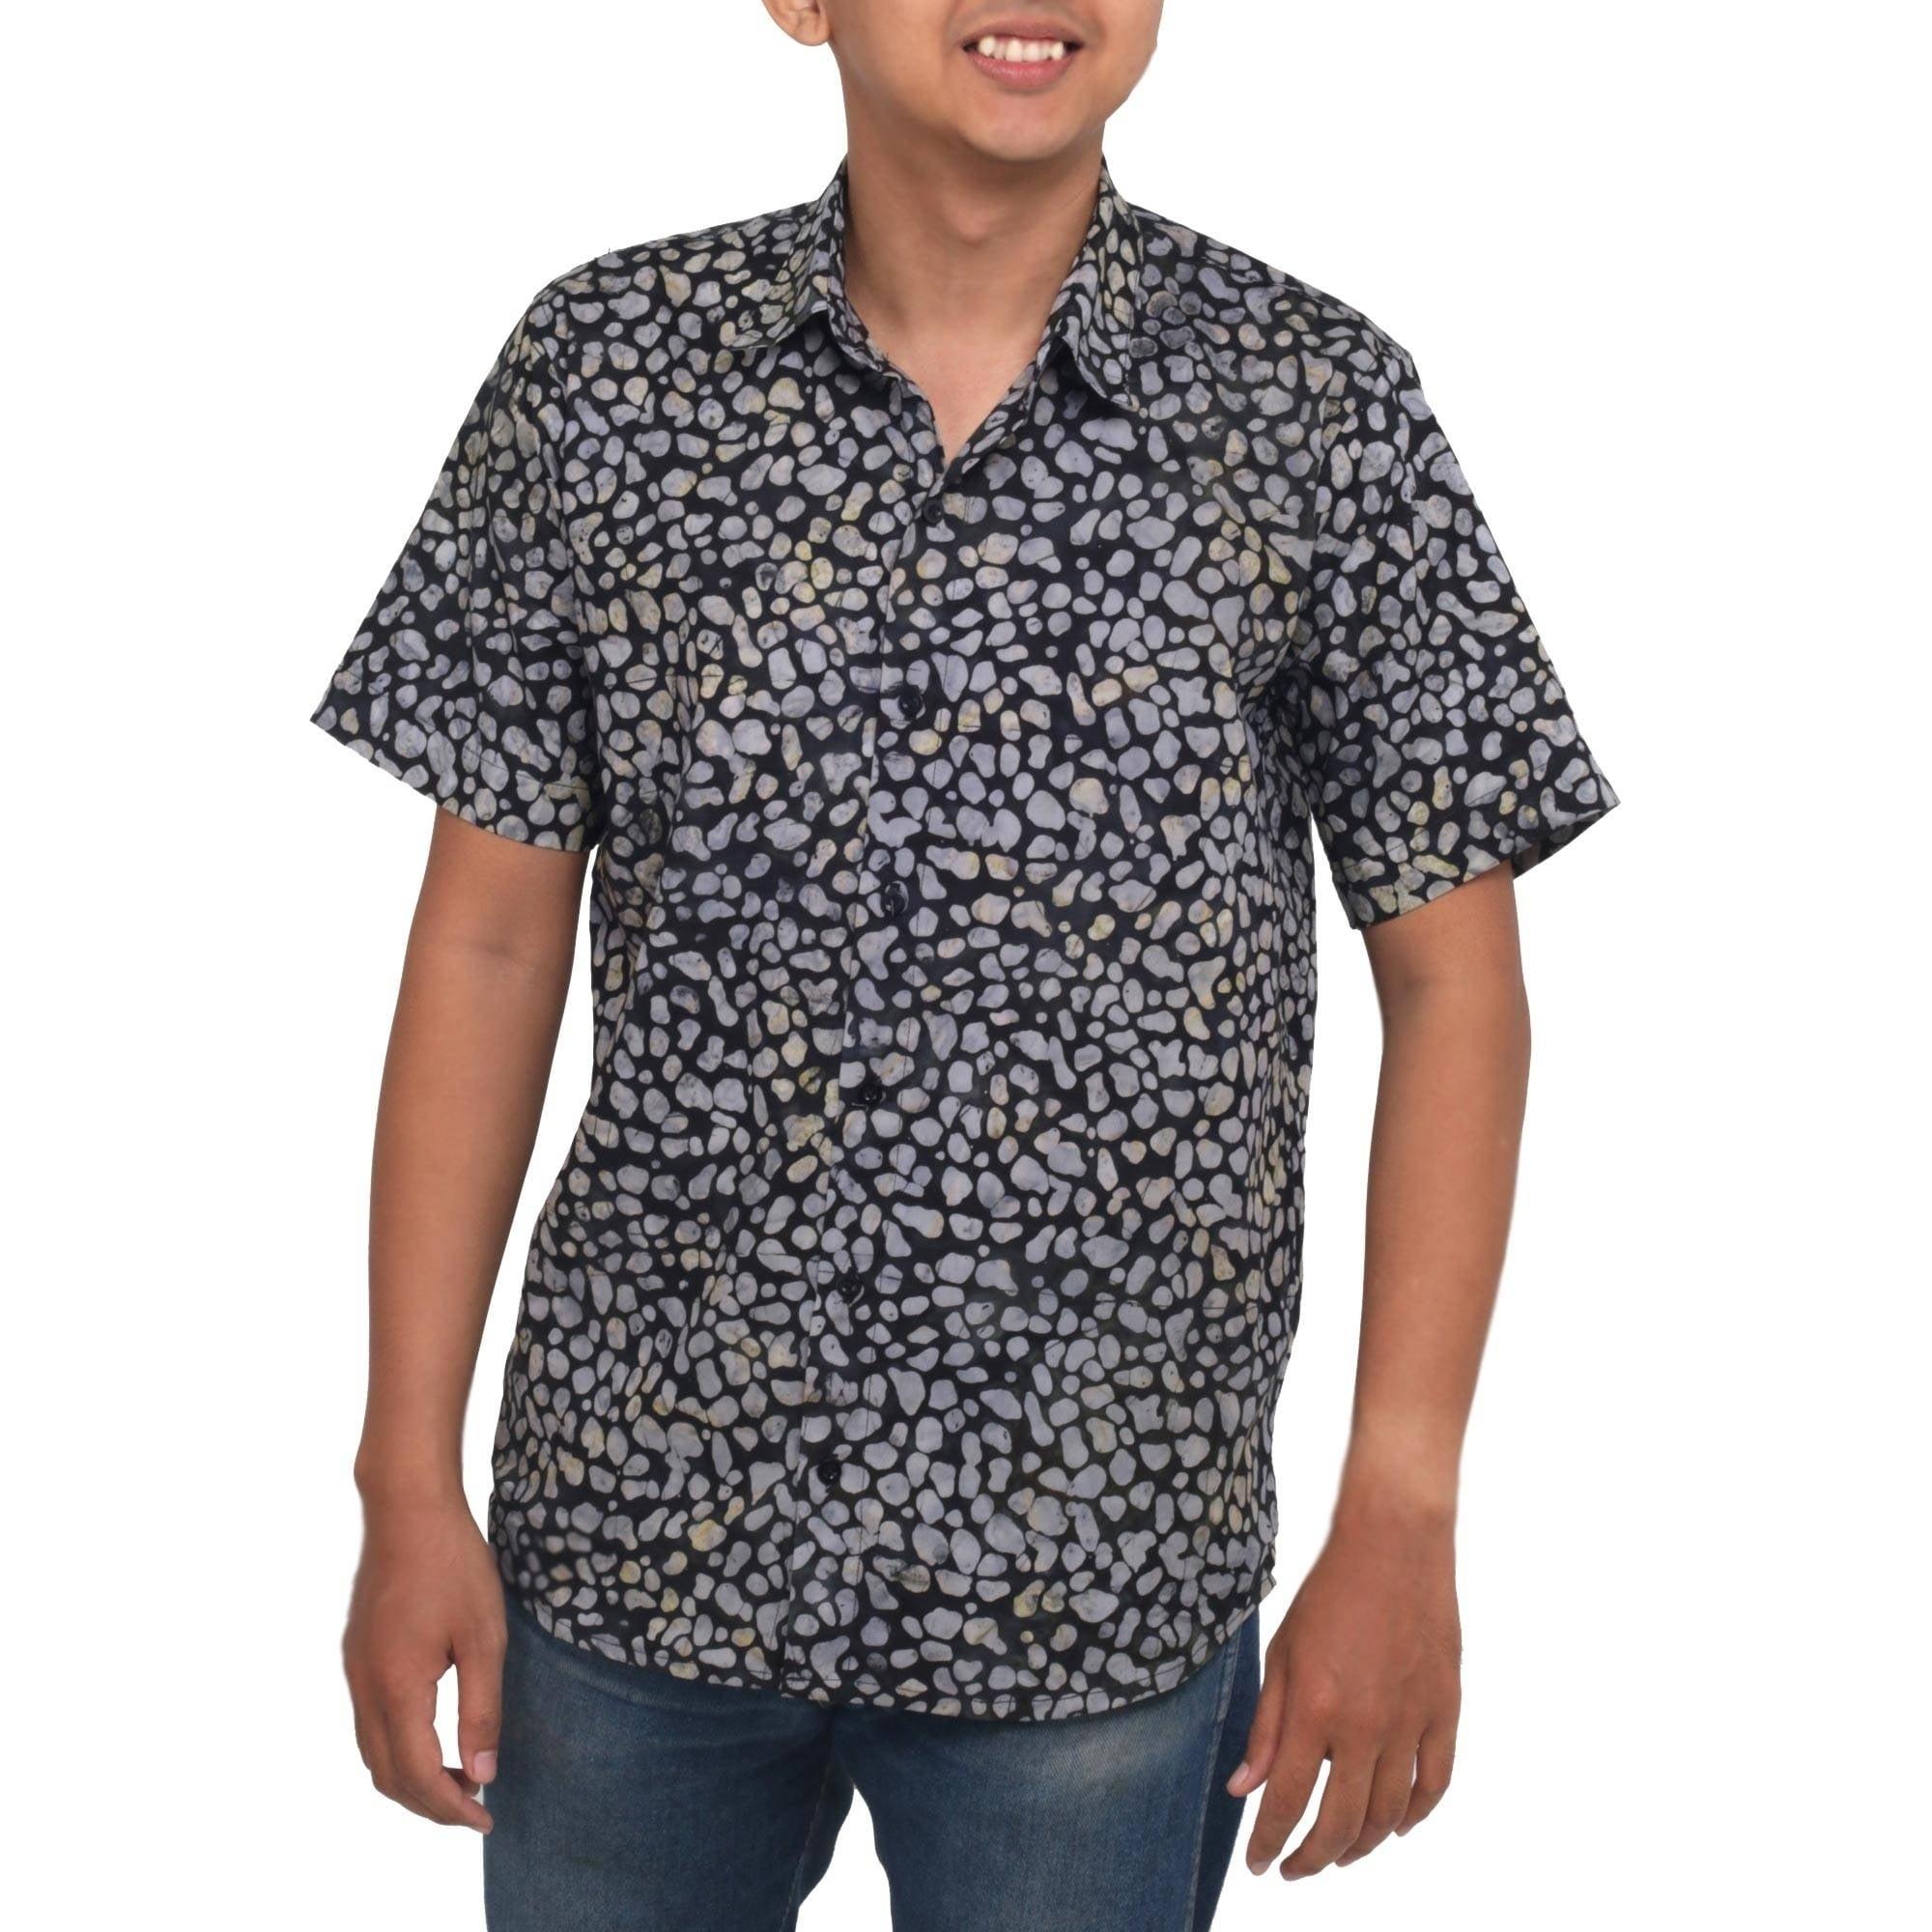 a92441340d64a Borneo Slate Men's Cotton Batik Shirt